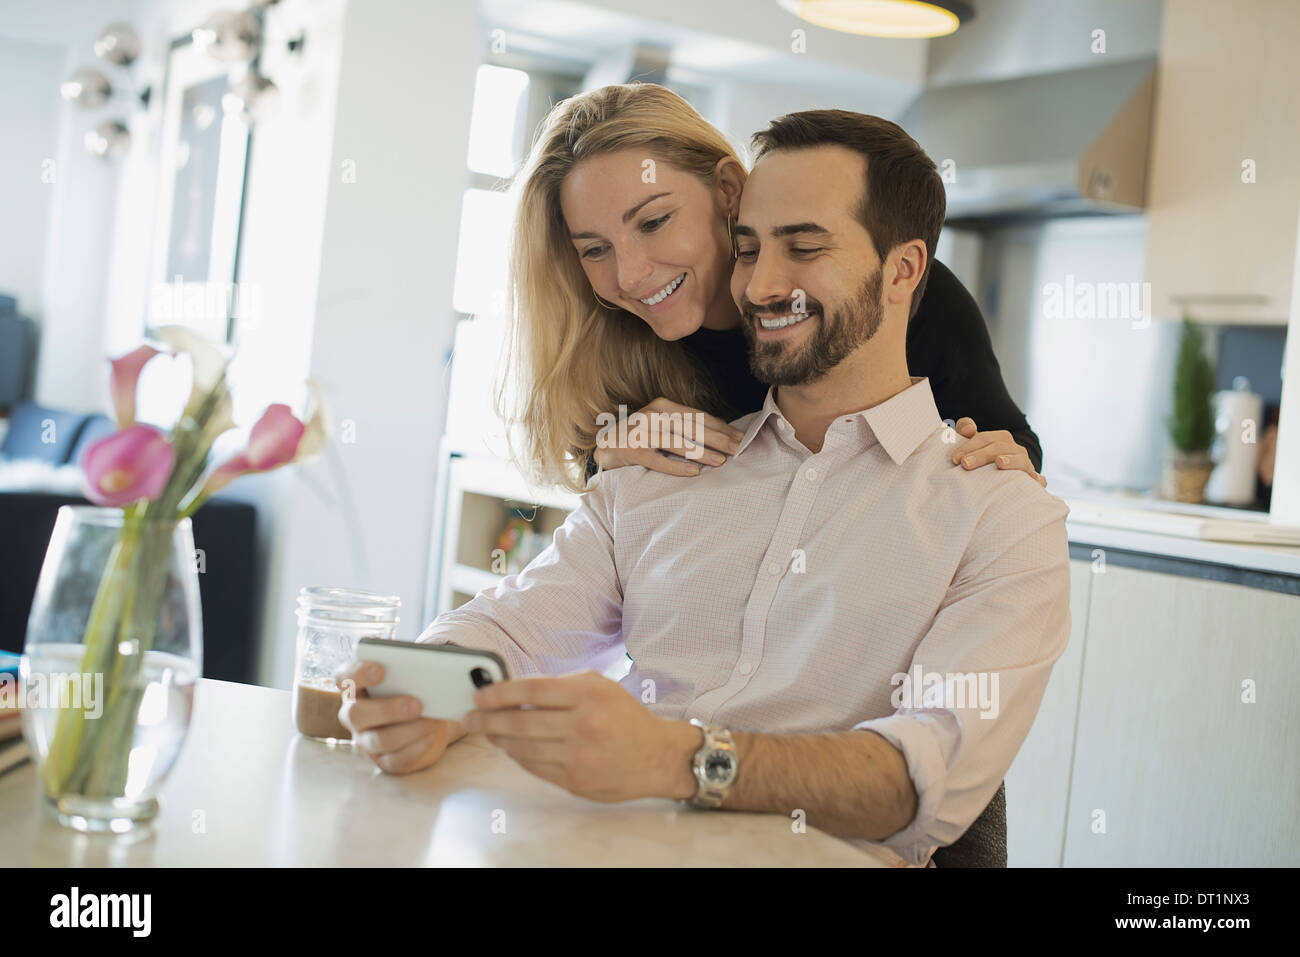 Couple à la maison regarder des images sur smartphone Photo Stock